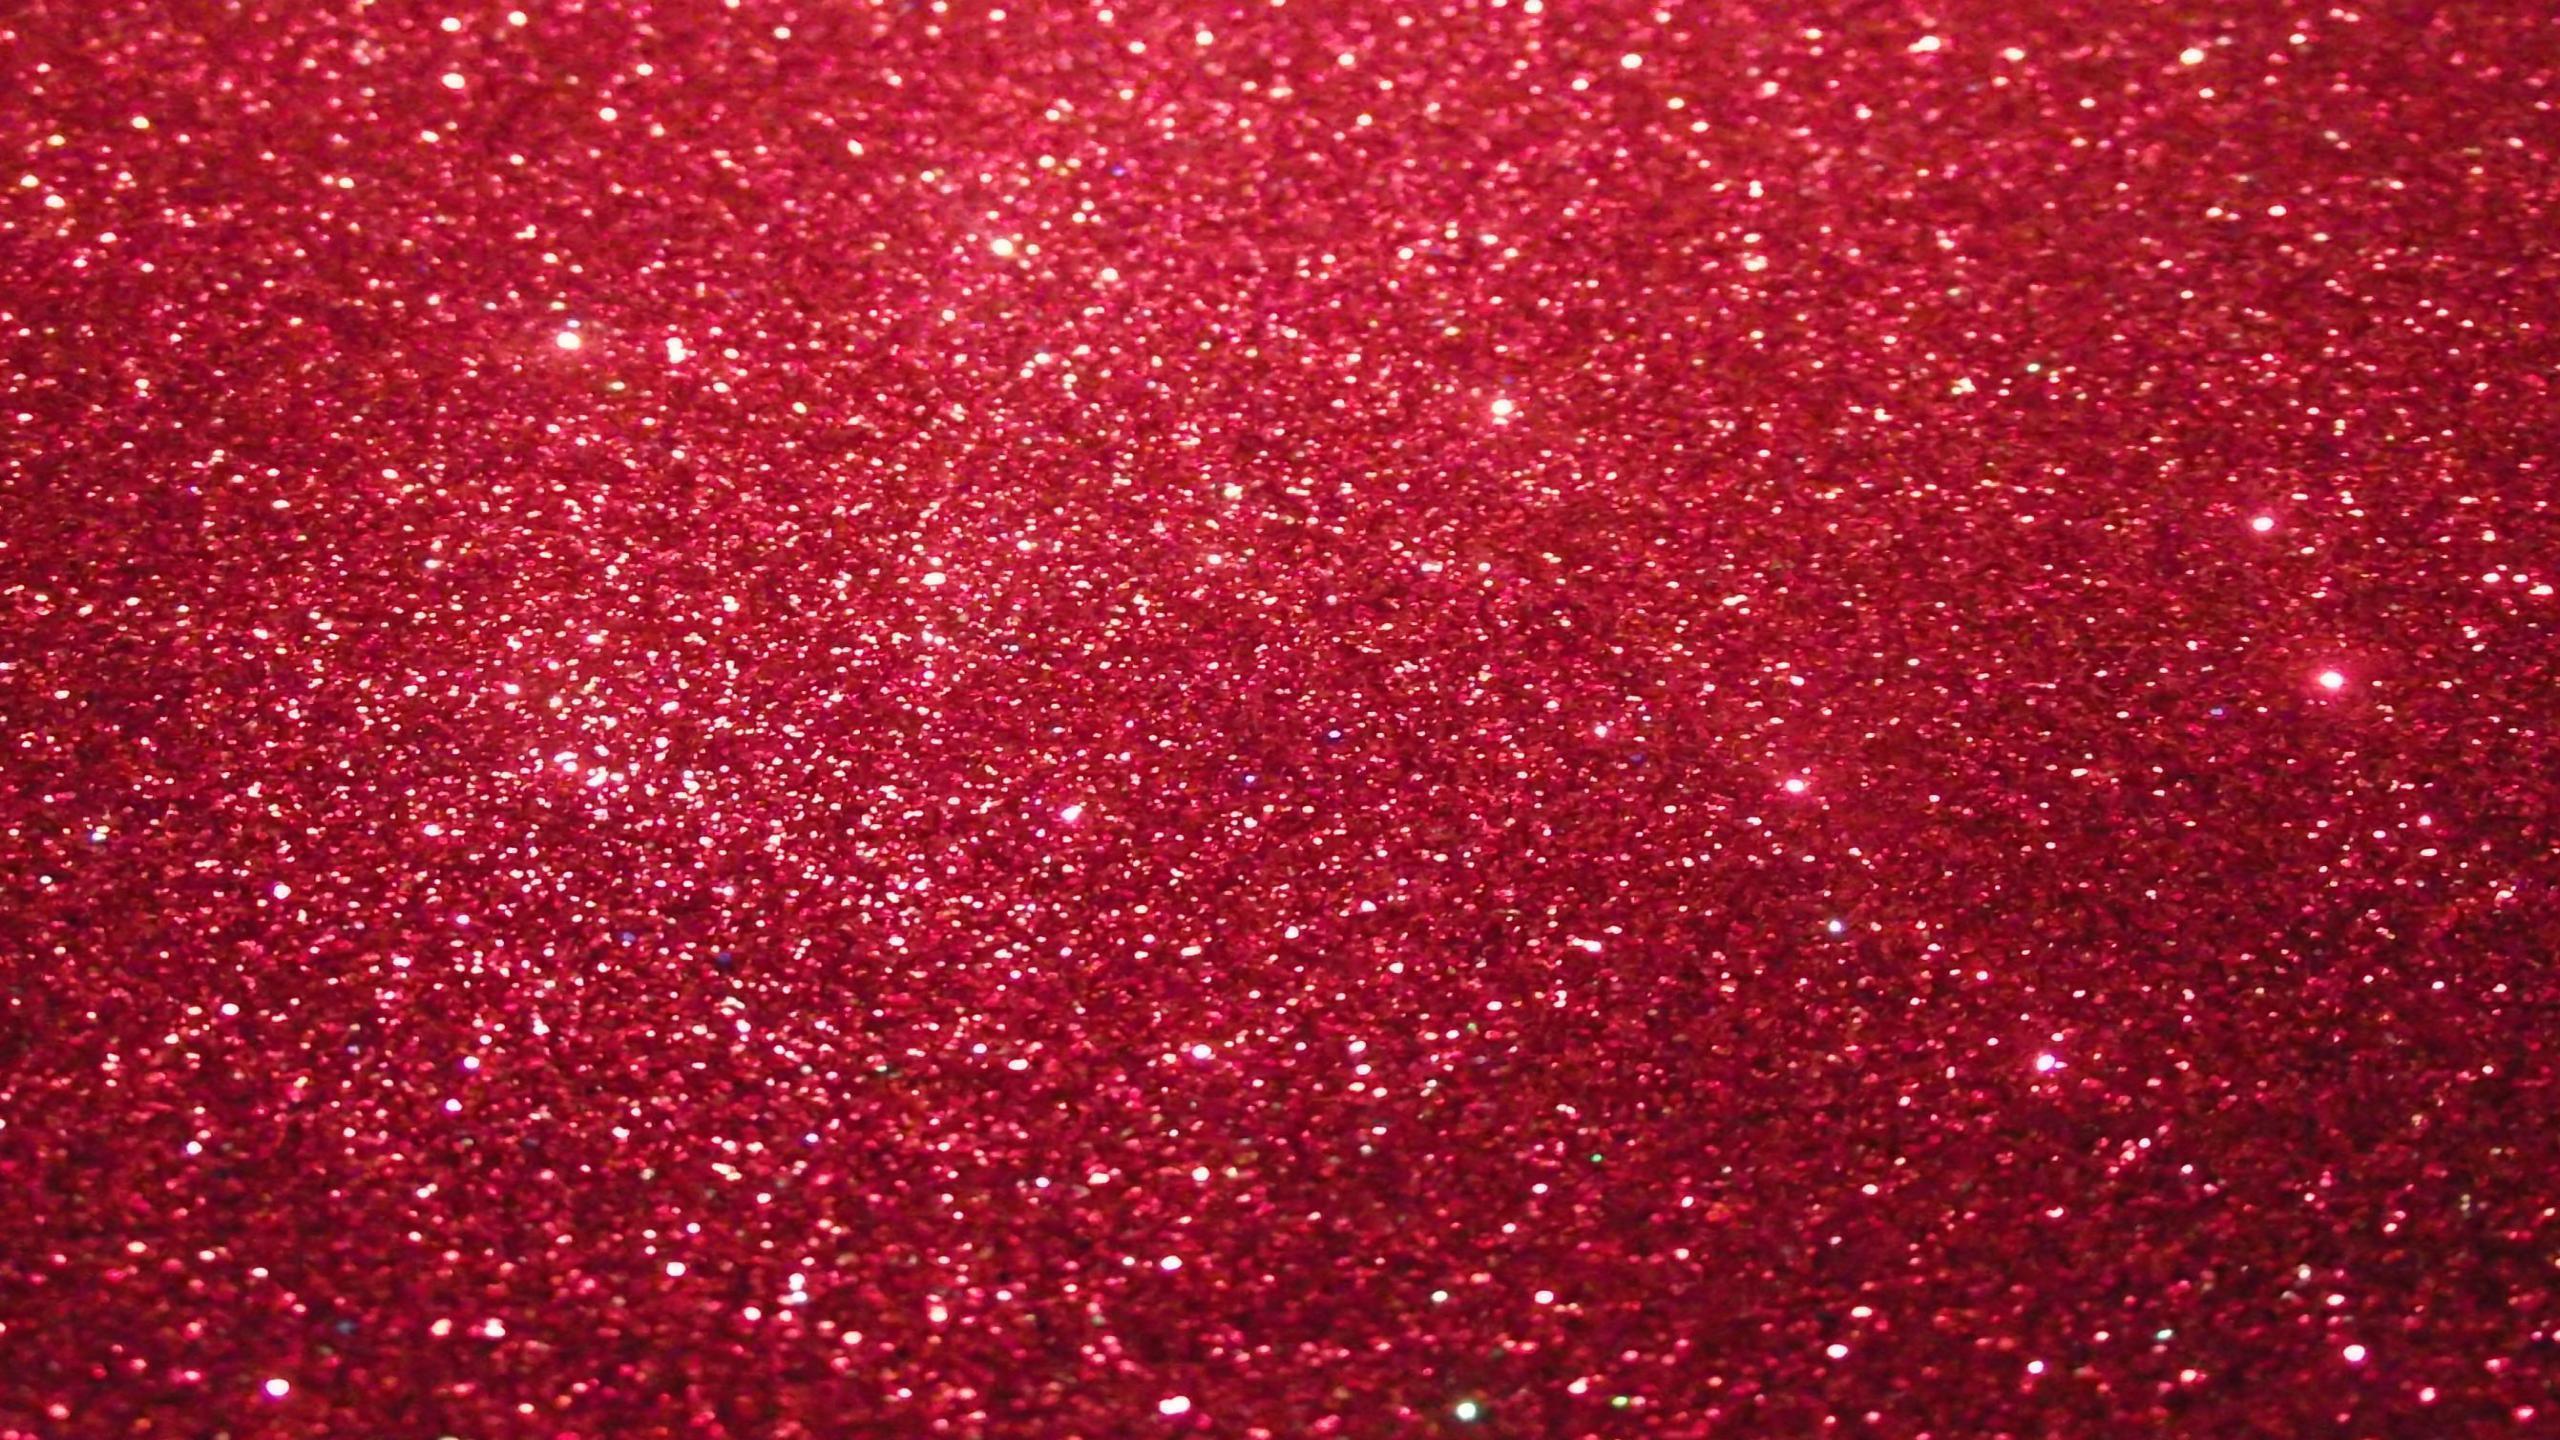 glitter wallpaper high resolution - photo #30